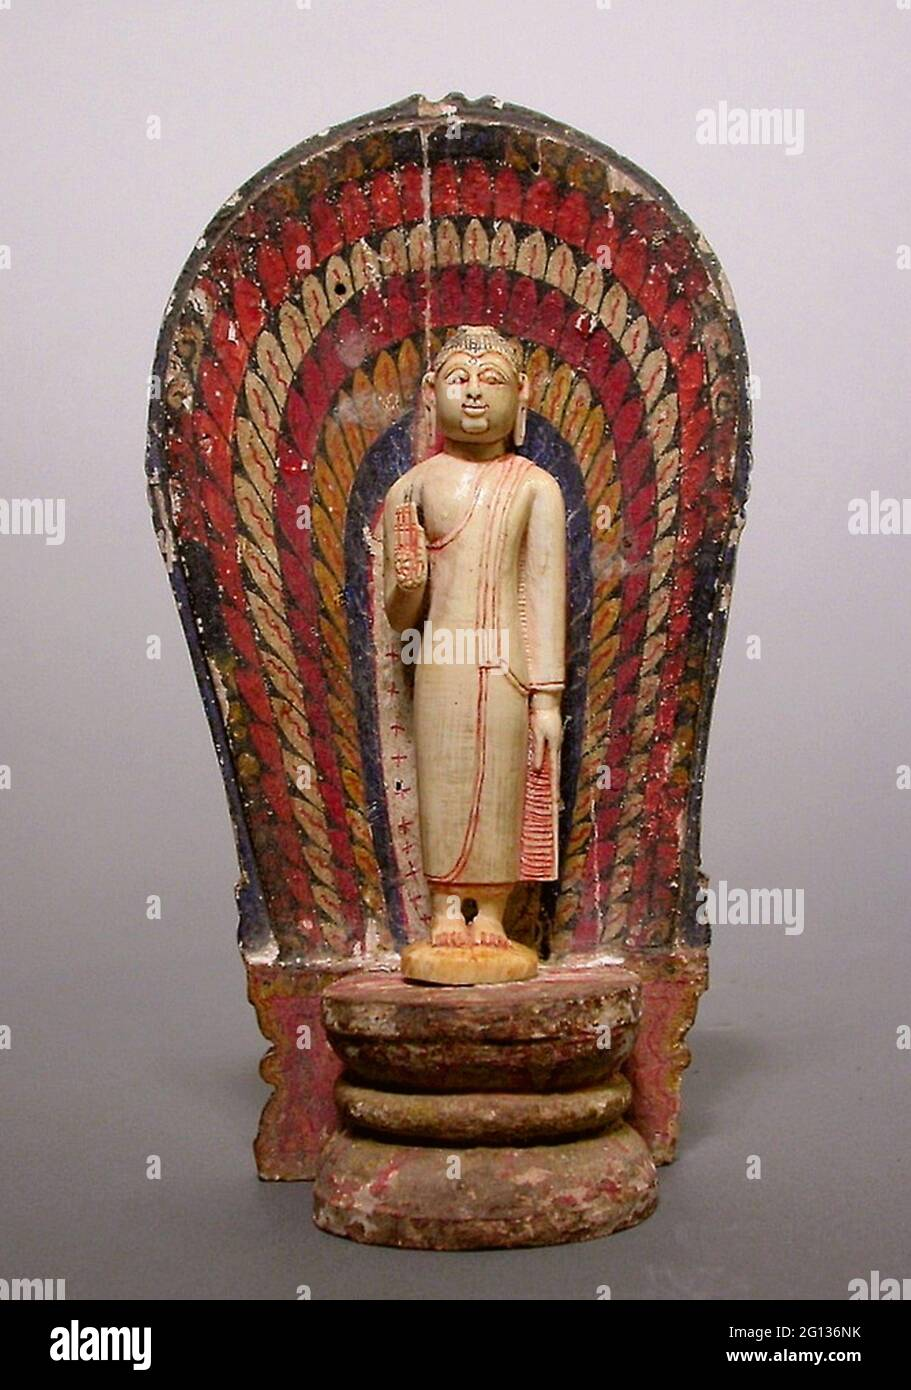 Bouddha debout à la main dans le geste de réconfort (Abhayamudra) avec le Nimbus rayonnant - période de Kandyan (1480 - 1815) - Sri Lanka. Ivoire, bois, Banque D'Images